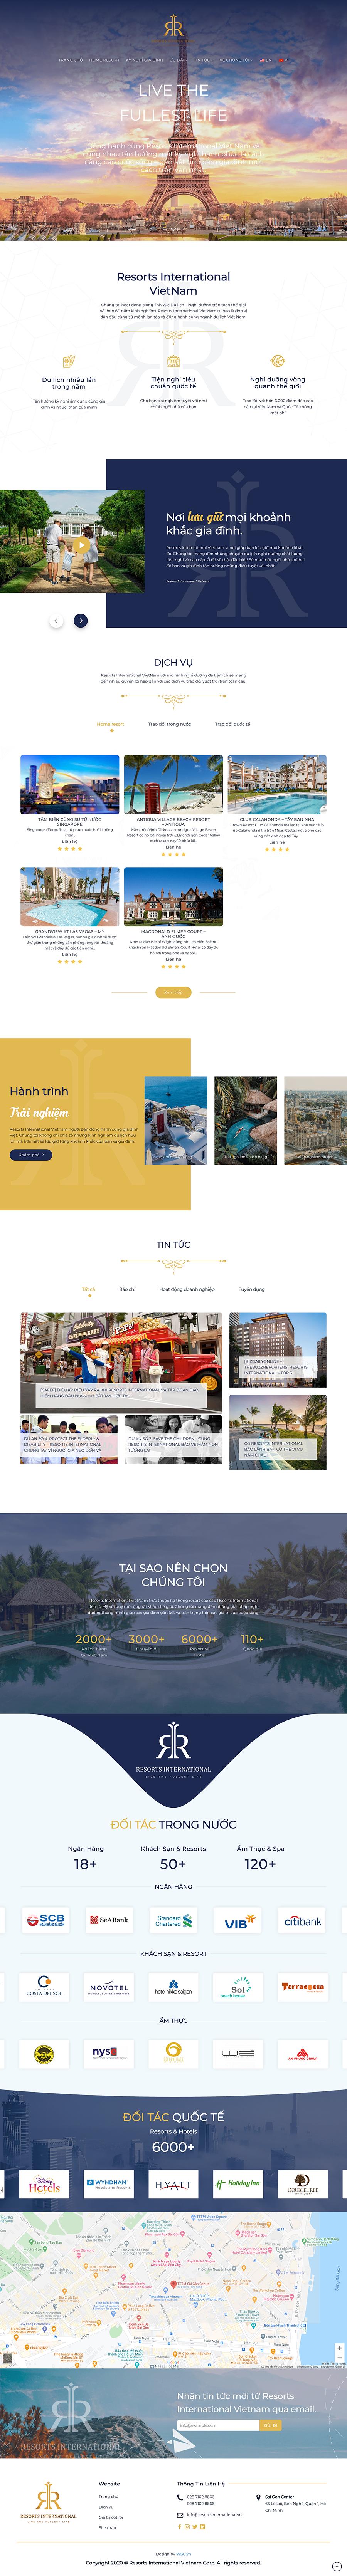 Dự án cho thuê căn hộ nghỉ dưỡng Resort International